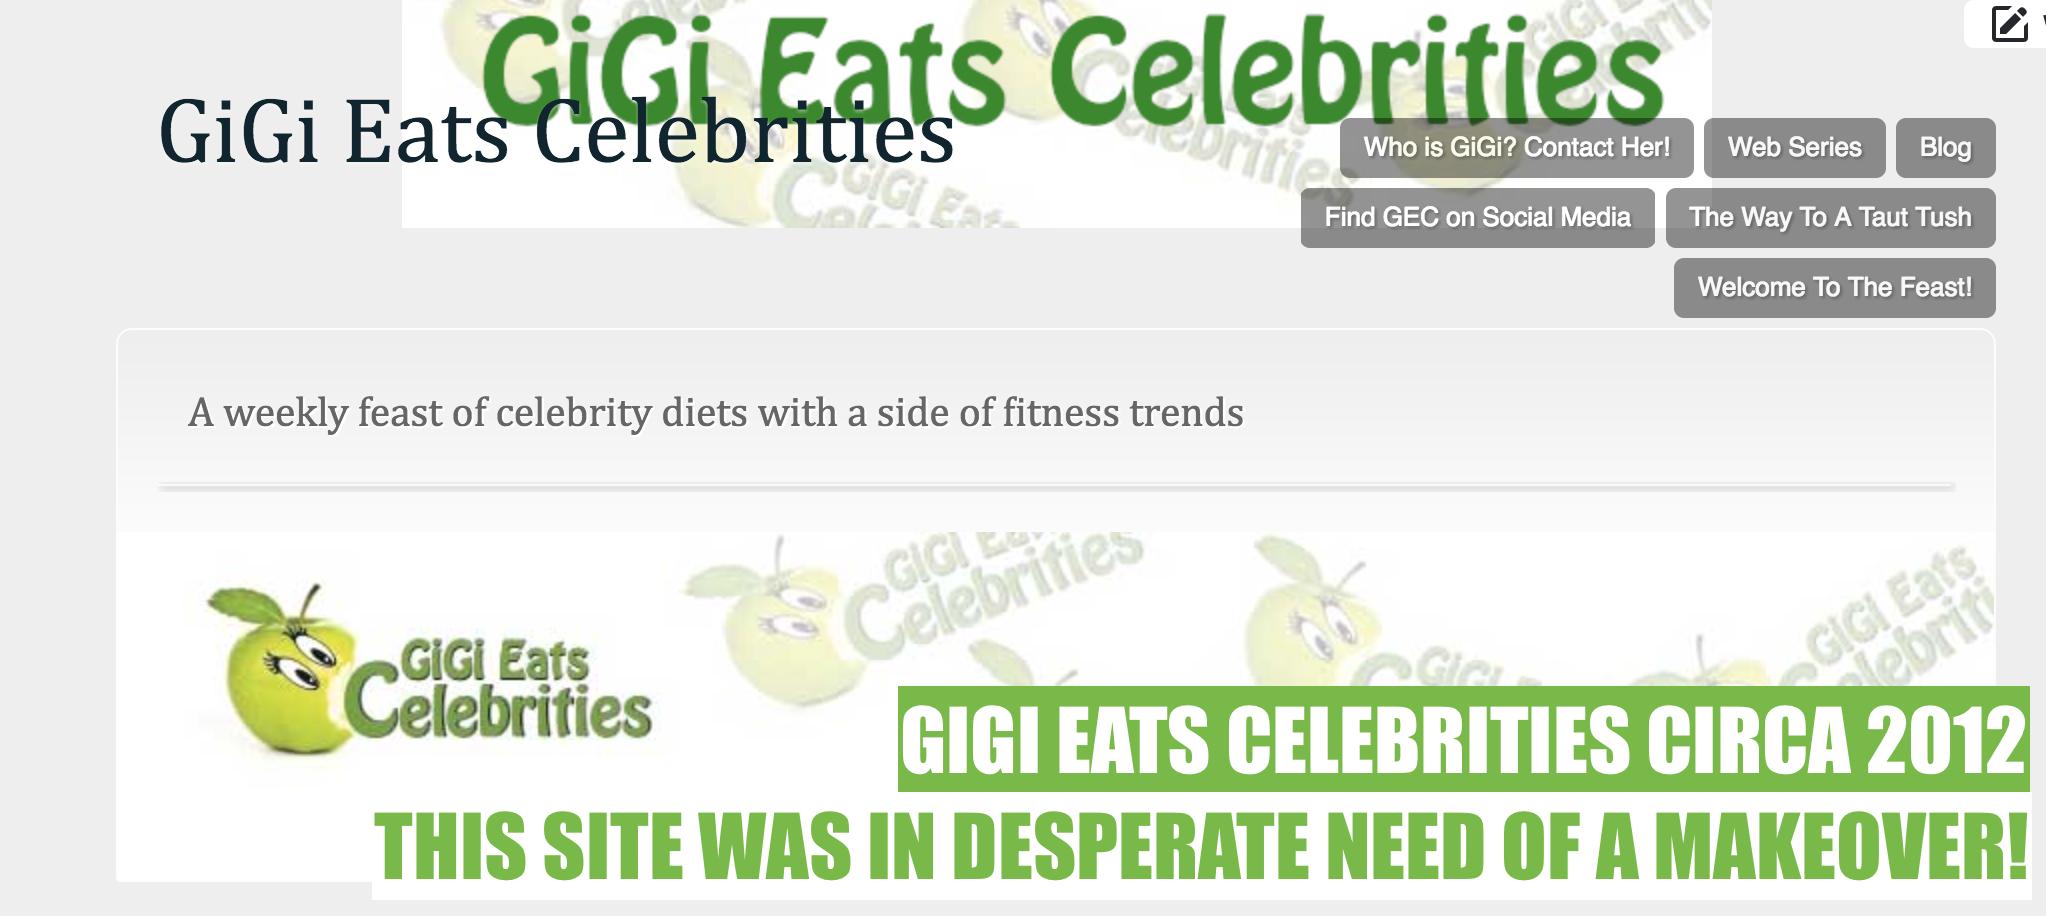 gigi eats celebrities old look